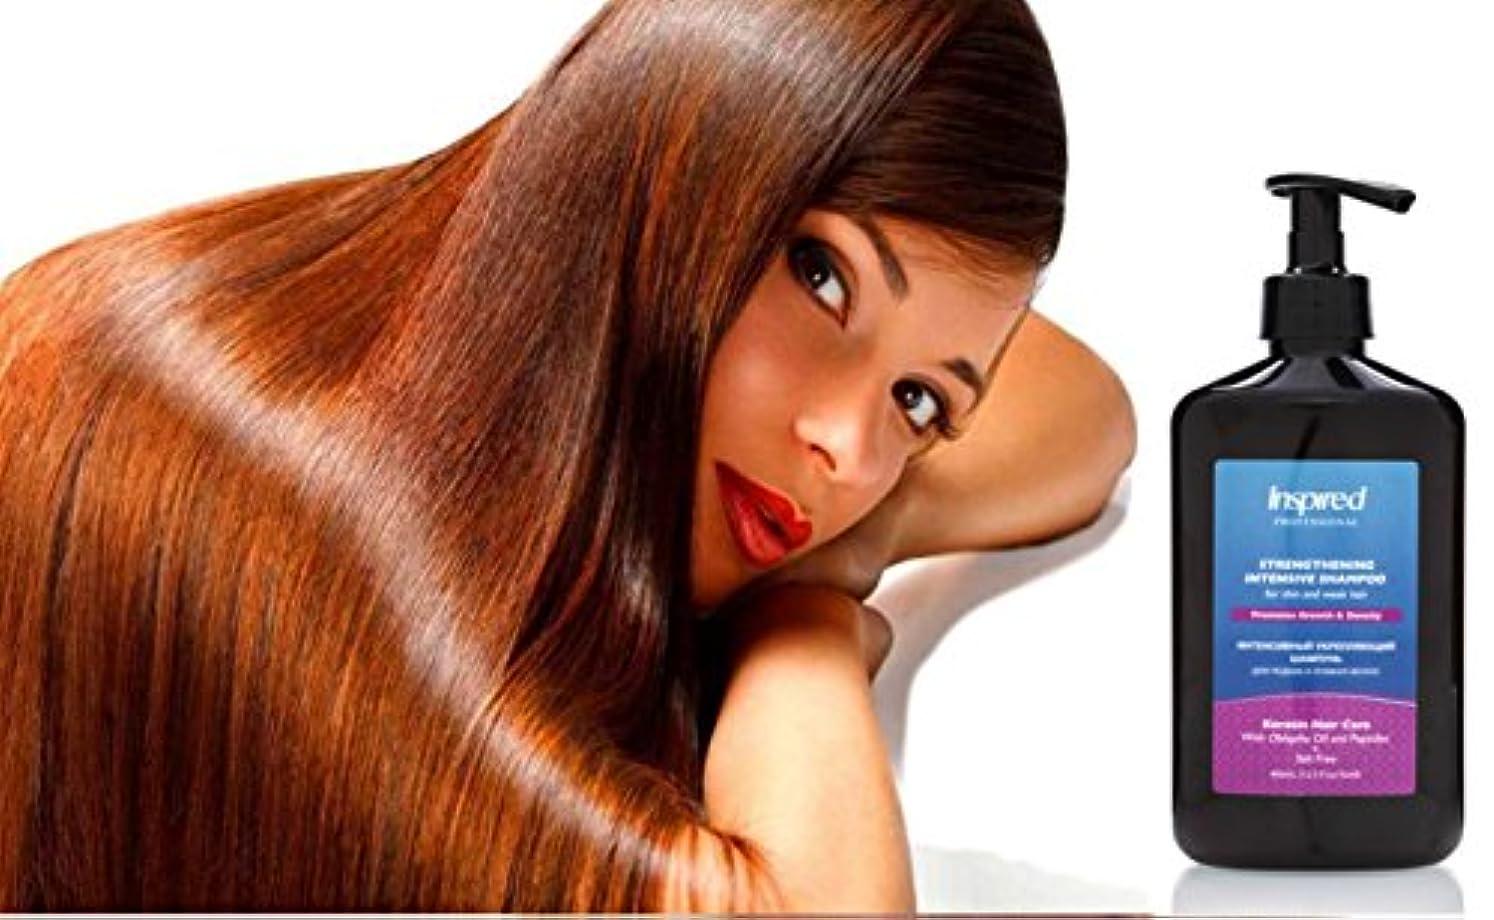 持参等々送ったInspired Professional Strengthening Intensive Thickening Growth Shampoo Premium Preventive Care Anti-Hair Loss...